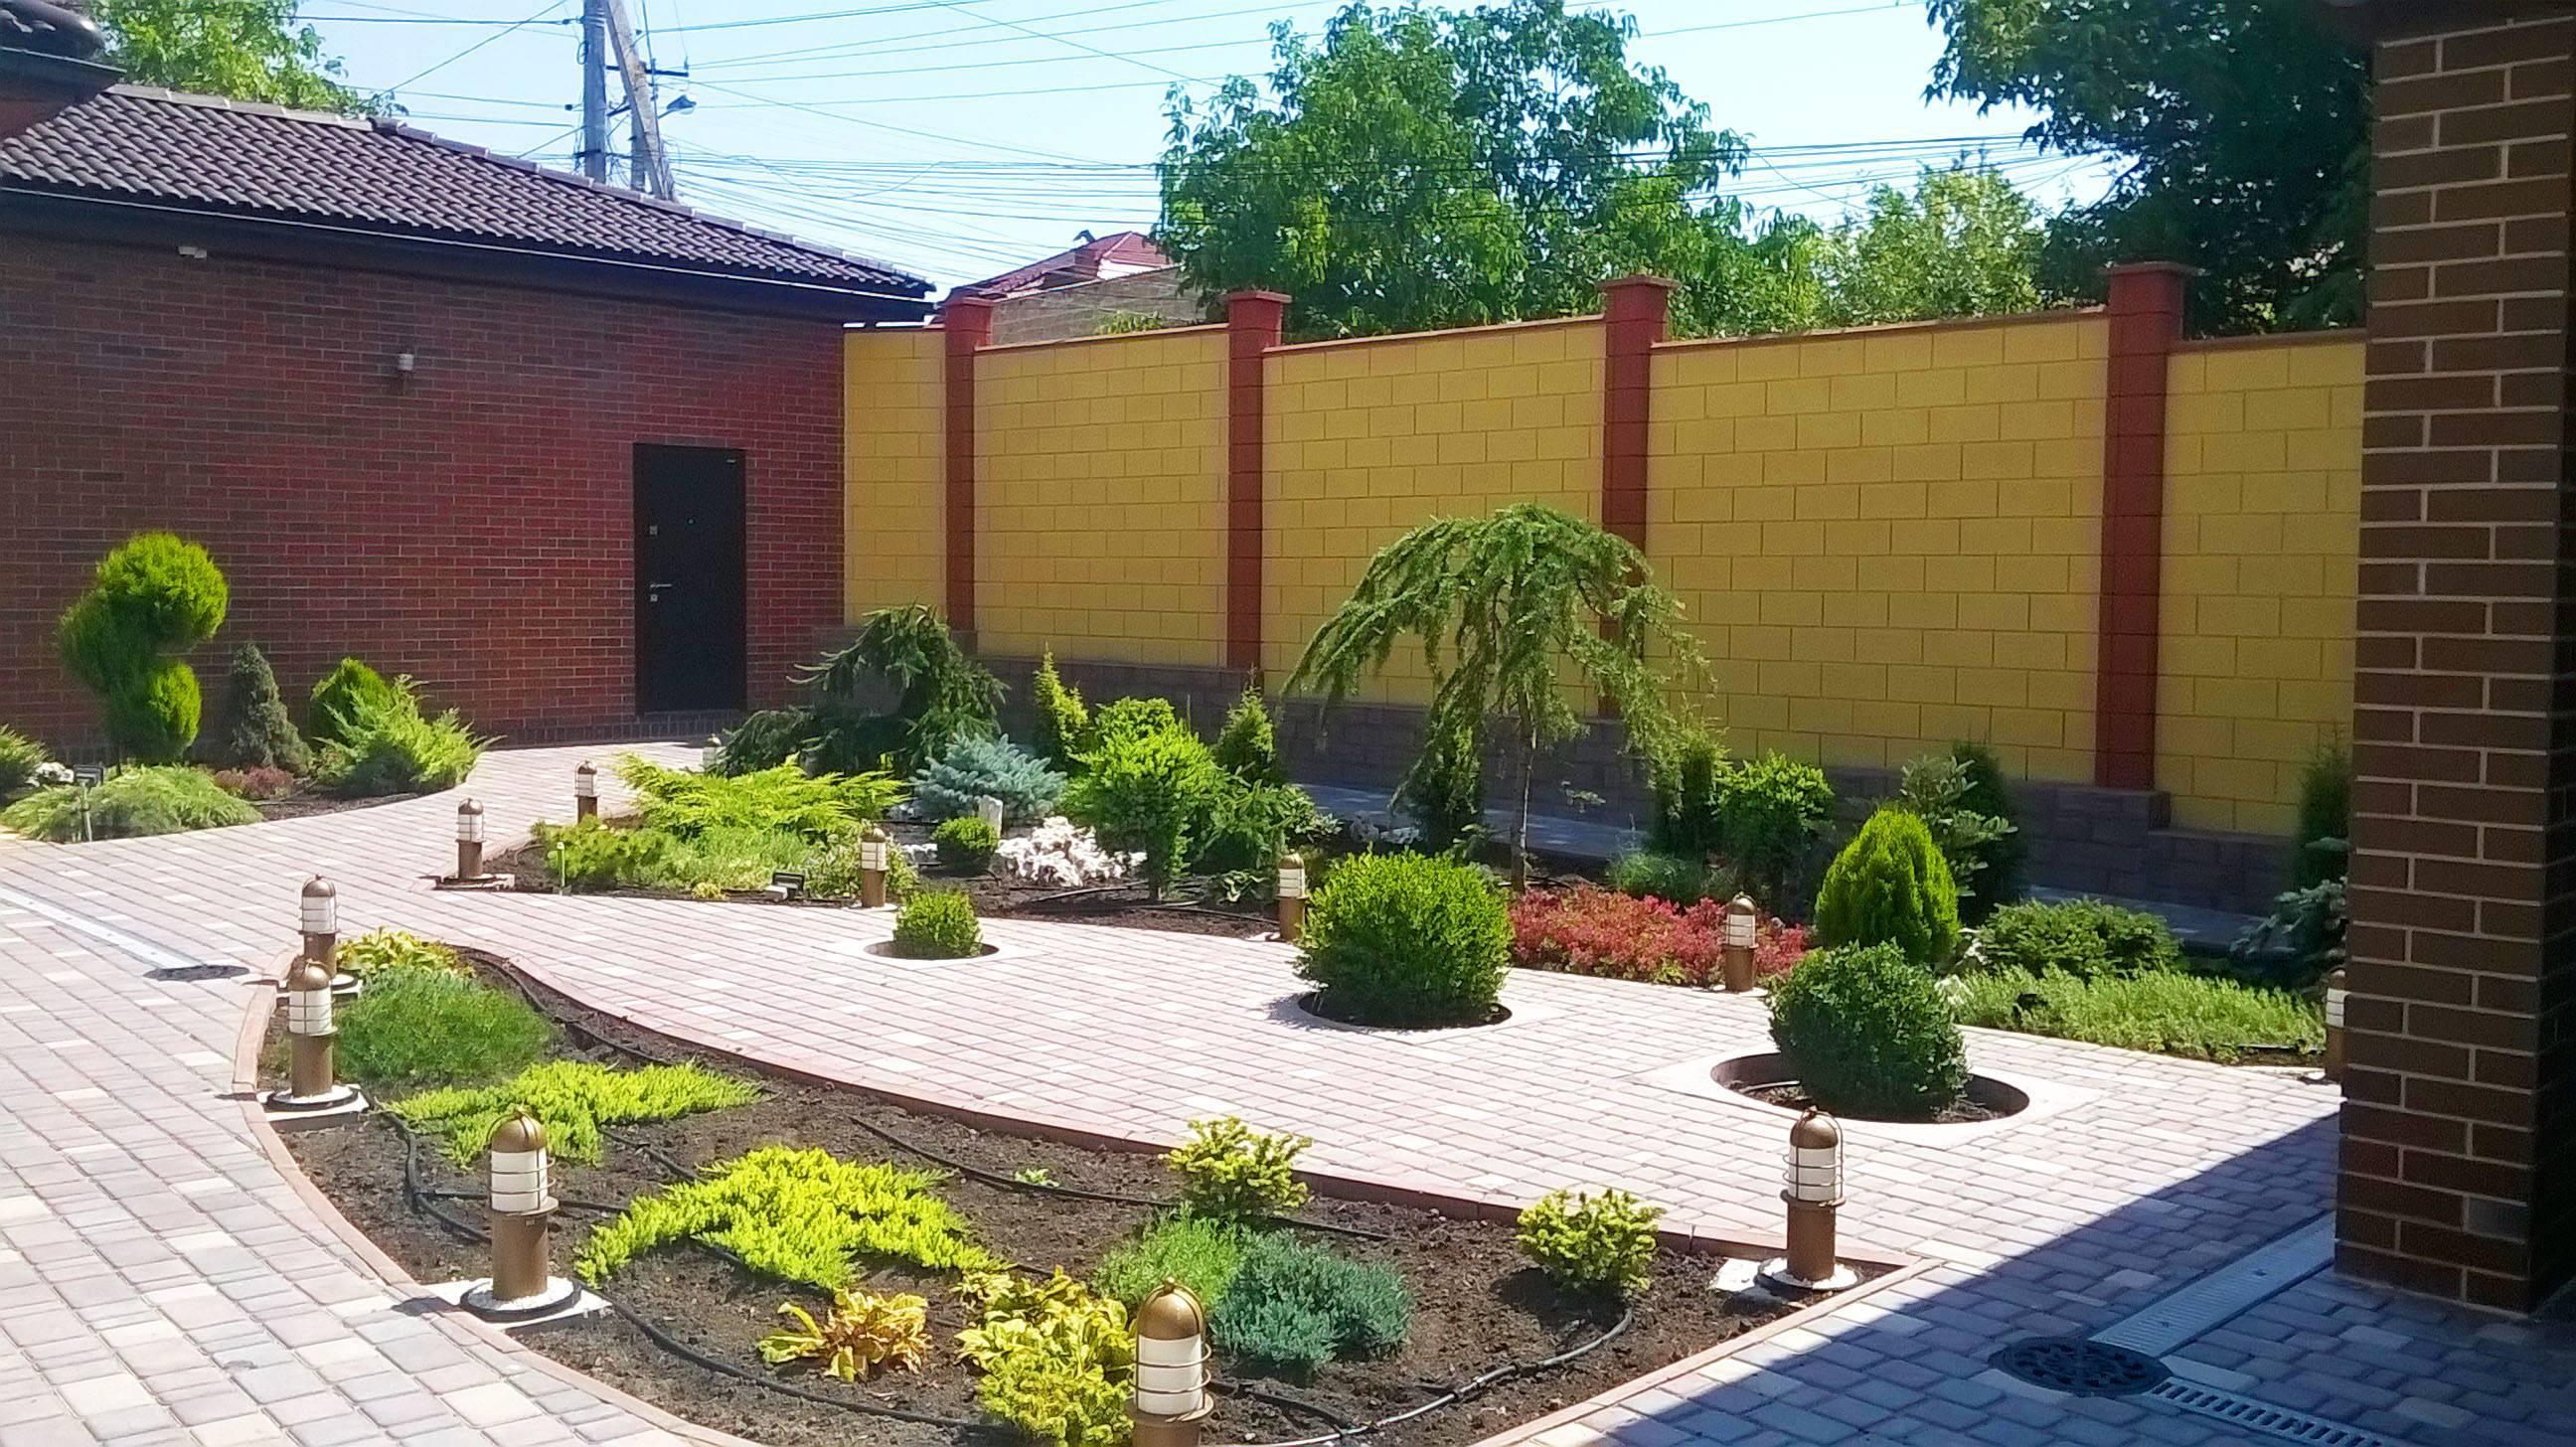 Свежий воздух с комфортом: идеи обустройства частного двора в фотографиях, советы дизайнеров